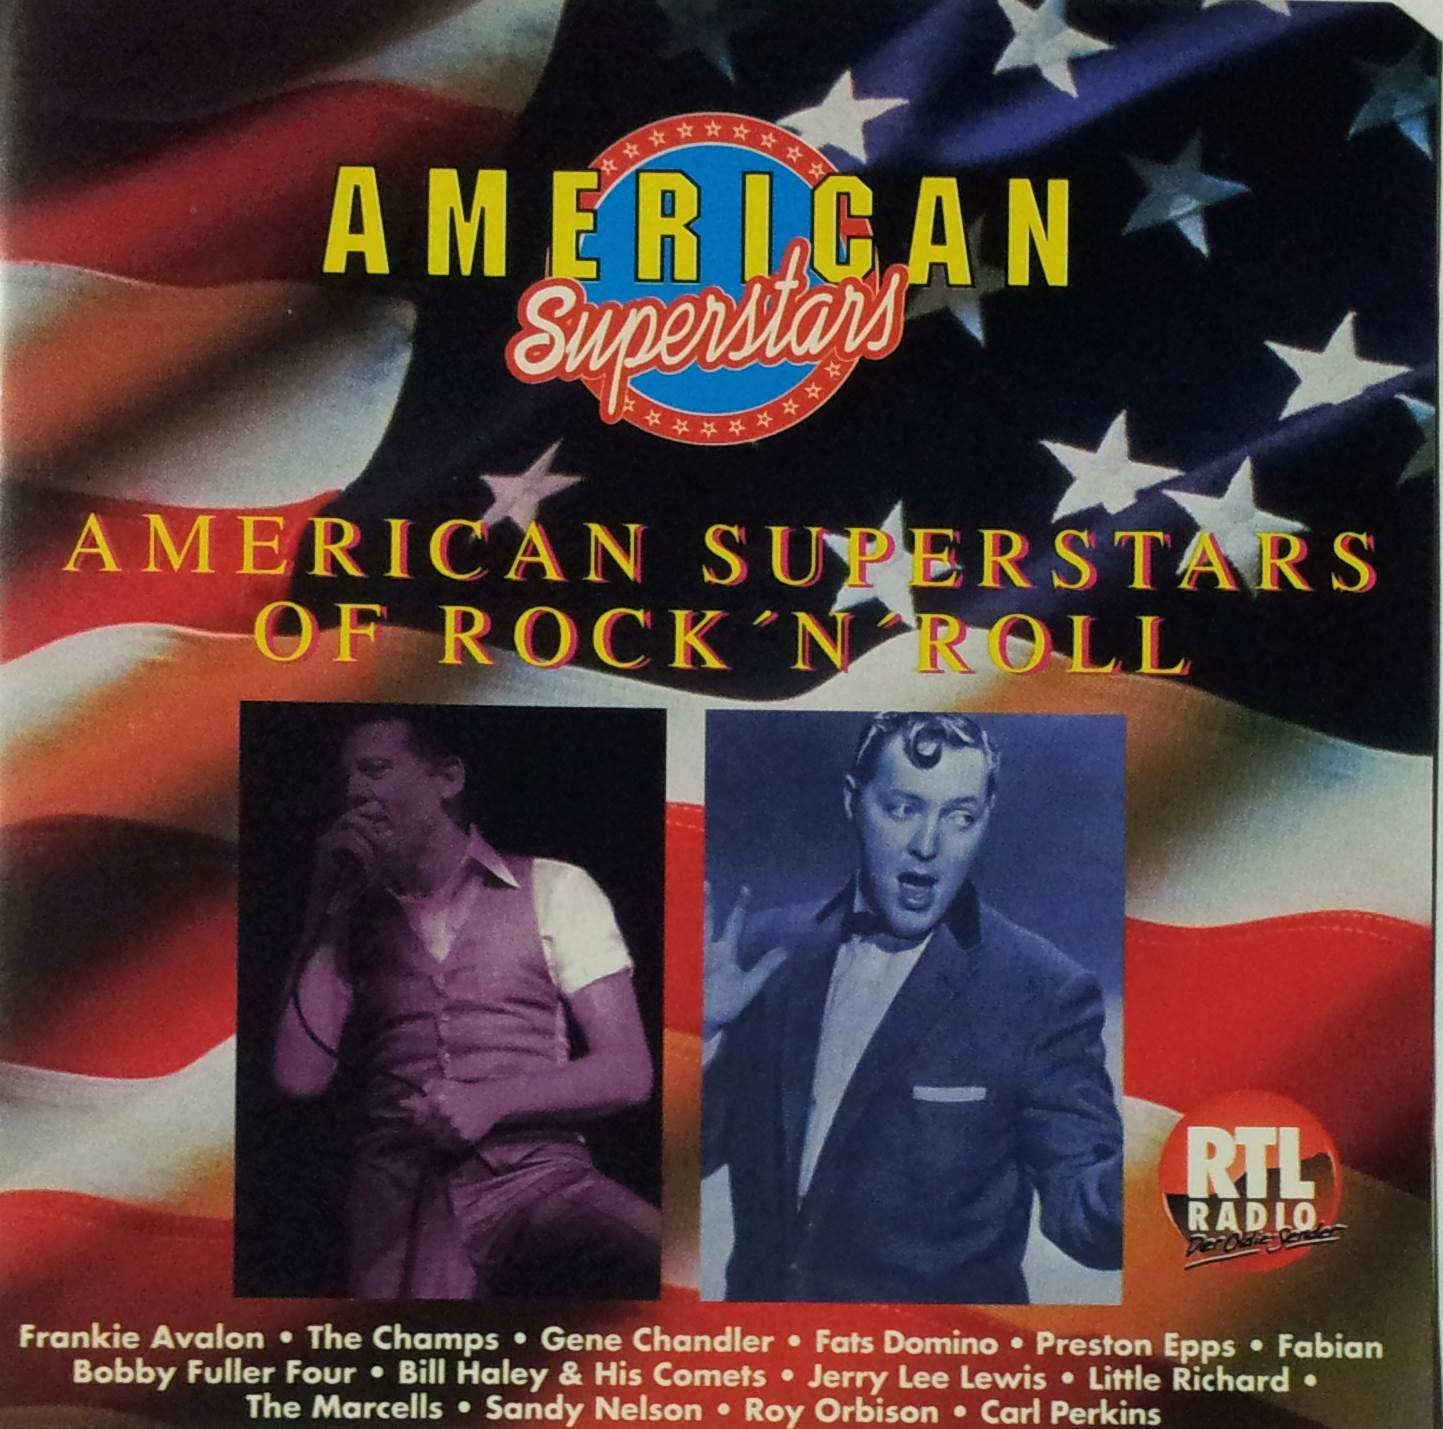 American Superstars of rock 'n' roll